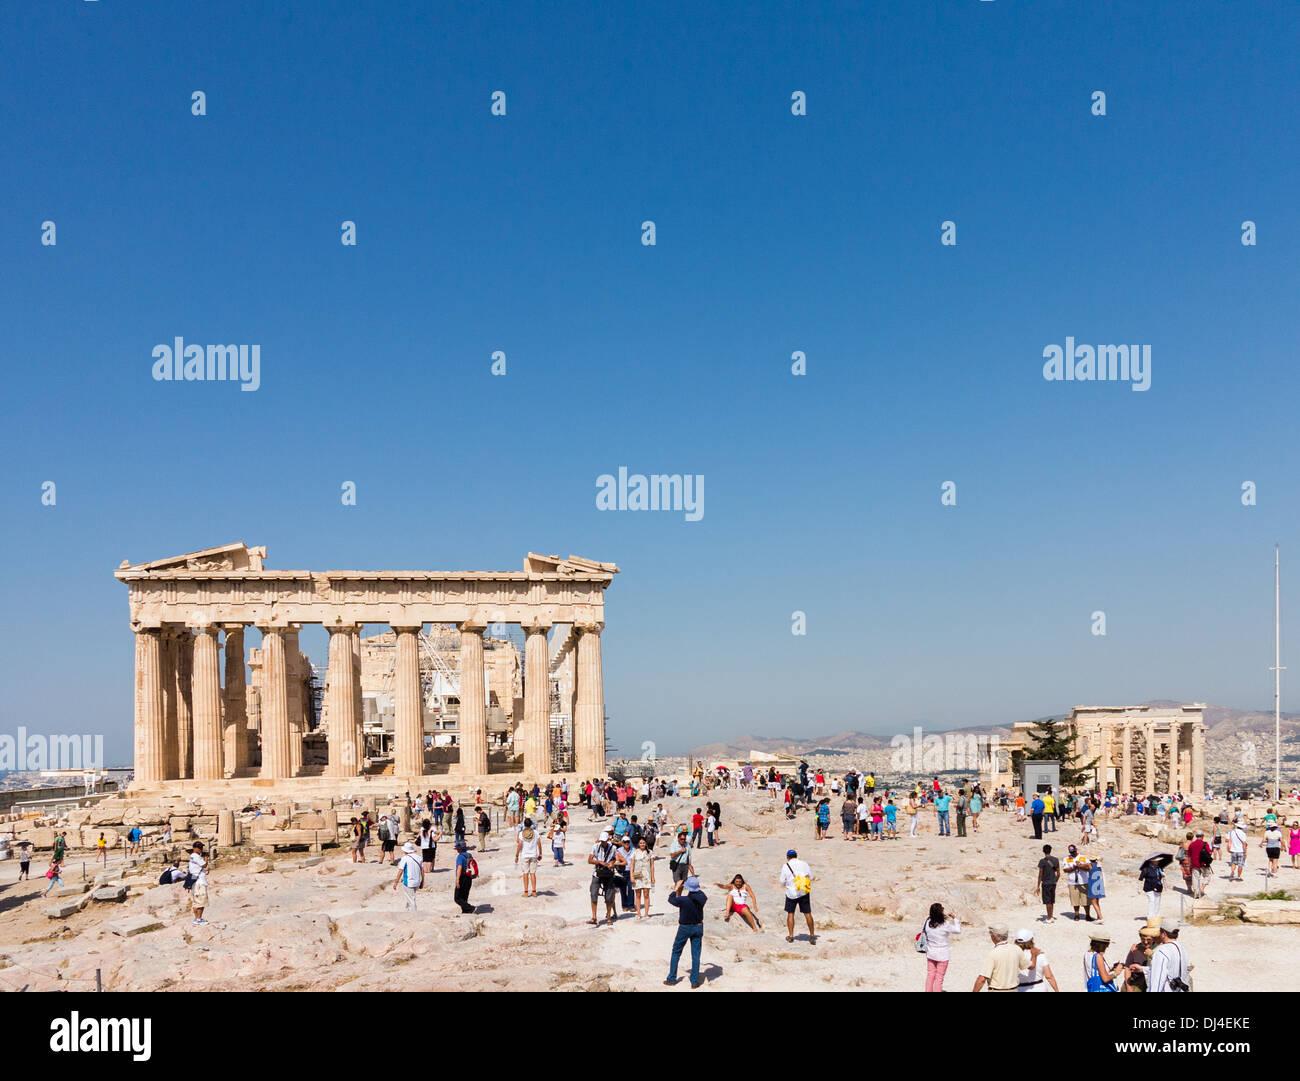 Acropole, Athènes, Grèce - avec des foules de touristes se rendant sur le site de l'ancienne Grèce Parthénon et l'Erechtheion Photo Stock